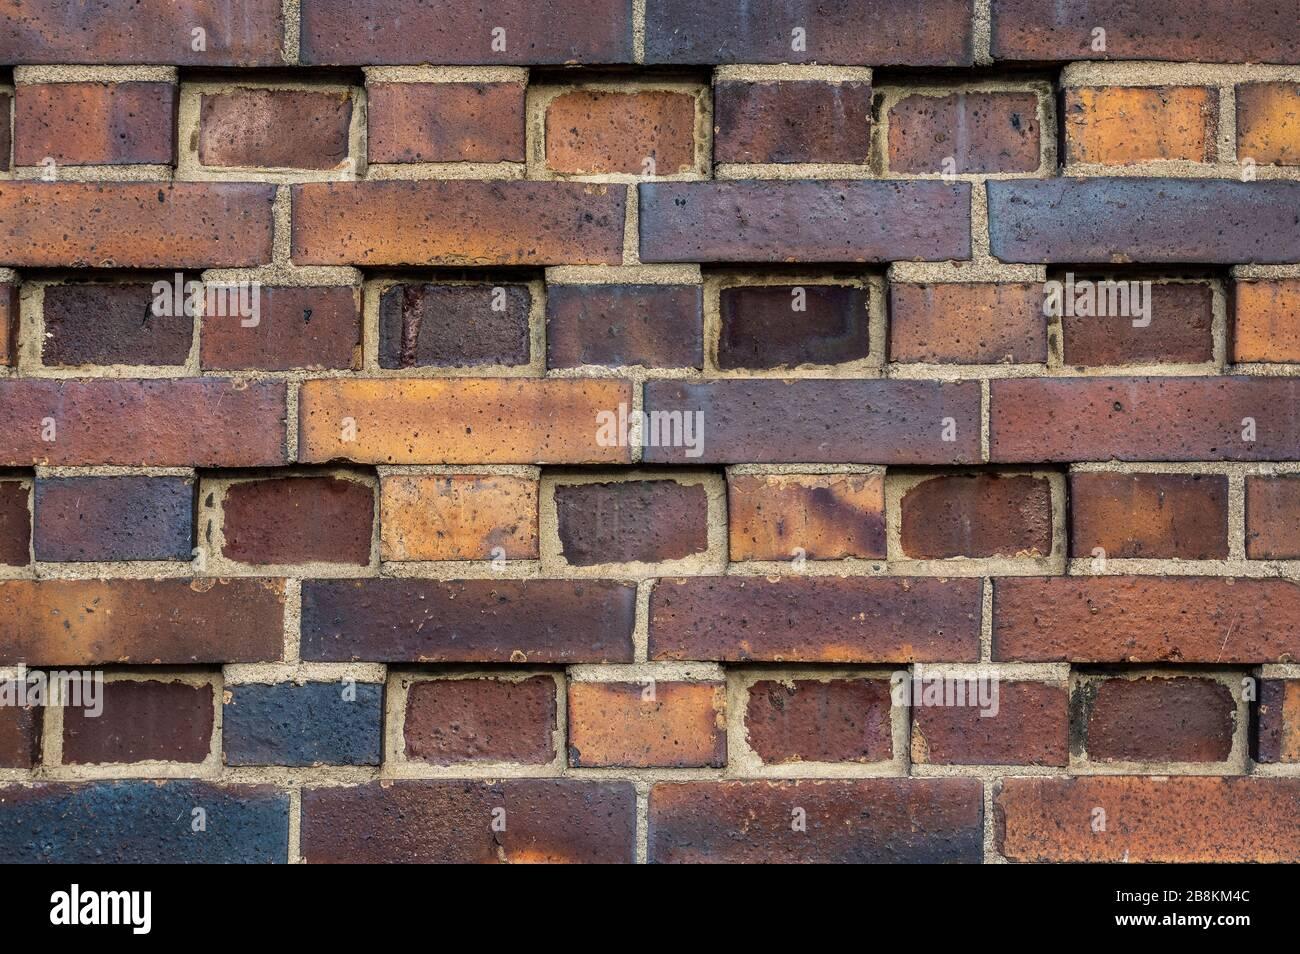 Pared del edificio hecha de ladrillos oscuros, amarillos a marrones del clinker con varios patrones alternantes. Las piedras son desplazadas en filas, giradas, indentadas o om Foto de stock